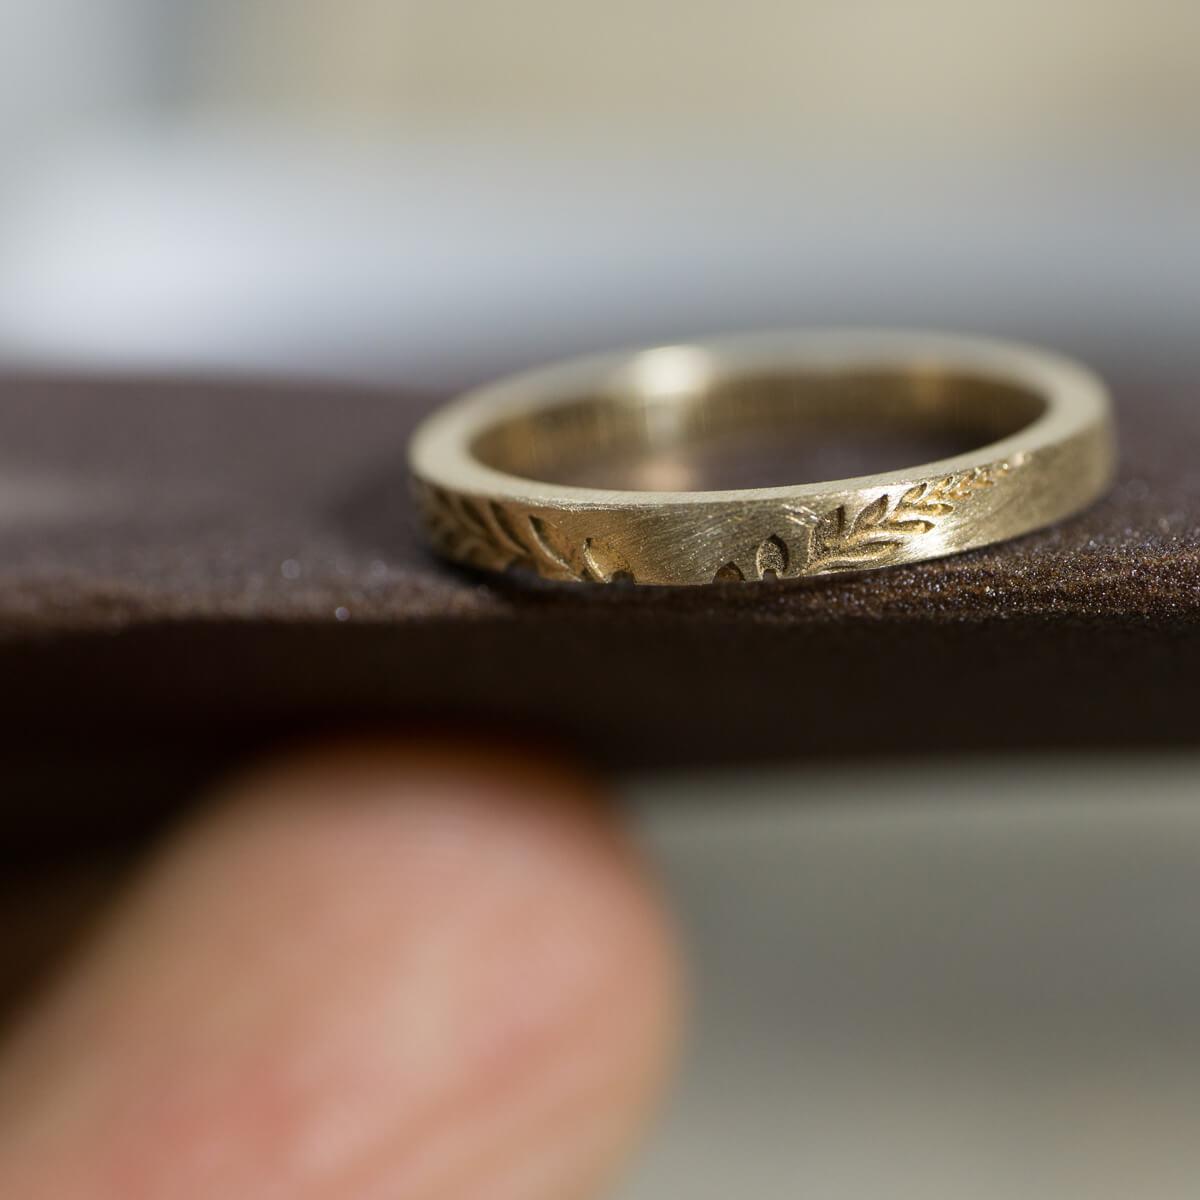 オーダーメイドマリッジリングの制作風景 ゴールドリングと紙ヤスリ 屋久島のシダモチーフ  屋久島でつくる結婚指輪